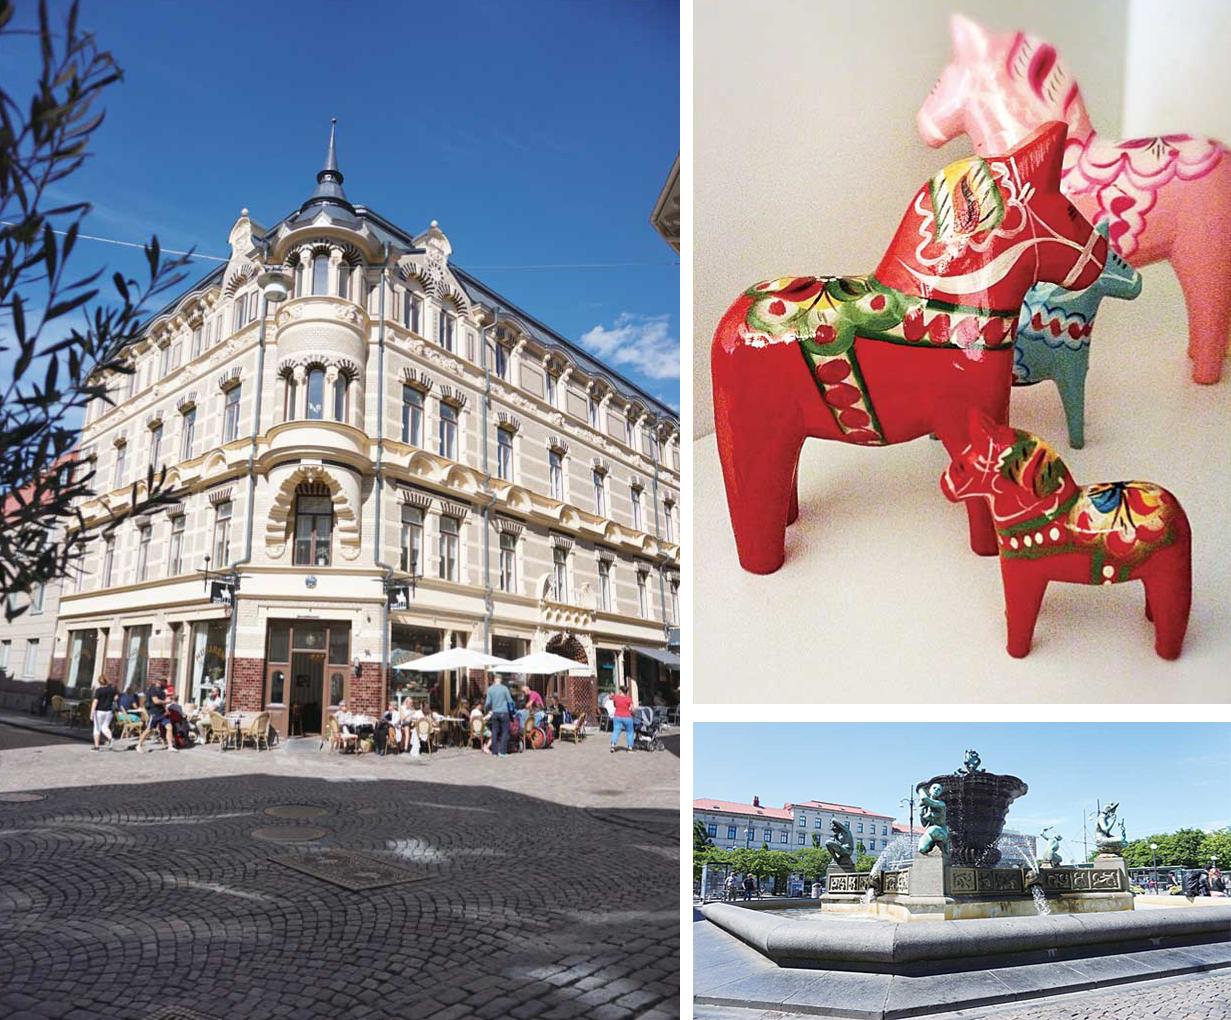 左:昔の時代からそのまま残っている建築物 右上: スウェーデンのお土産の代名詞、ダーラナホース 右下:街の中心部には西洋芸術を感じる一面も